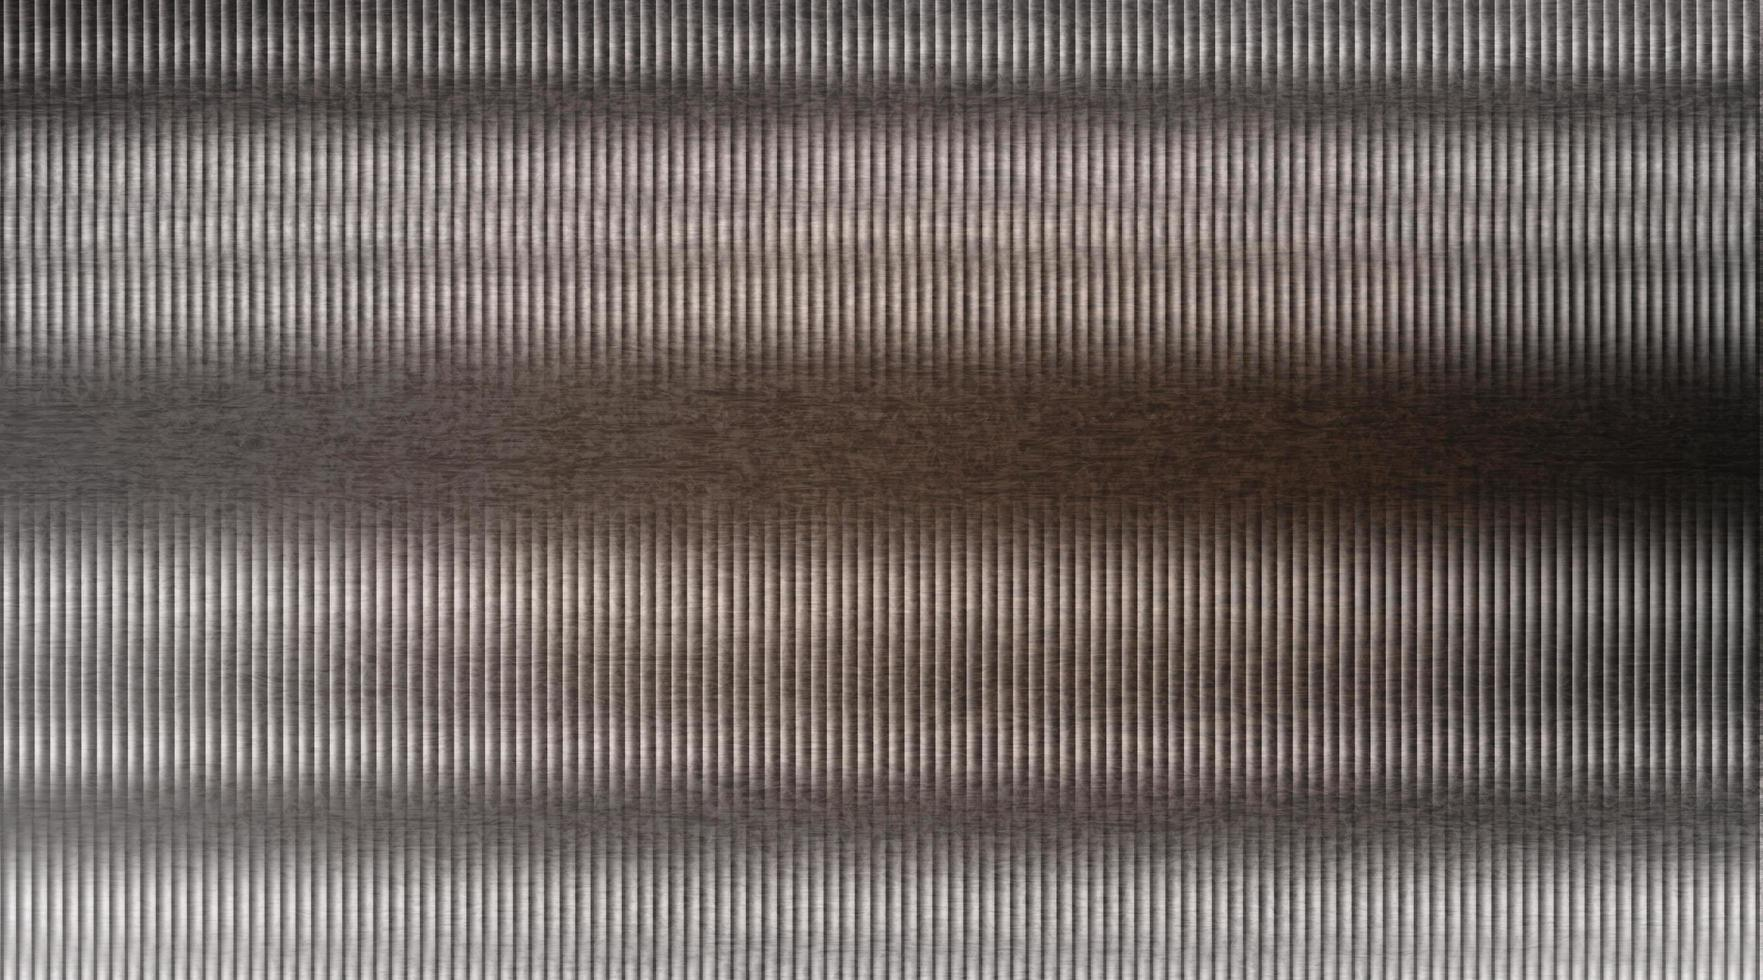 vettore sfondo in acciaio ruggine, spazio libero per l'inserimento di testo.